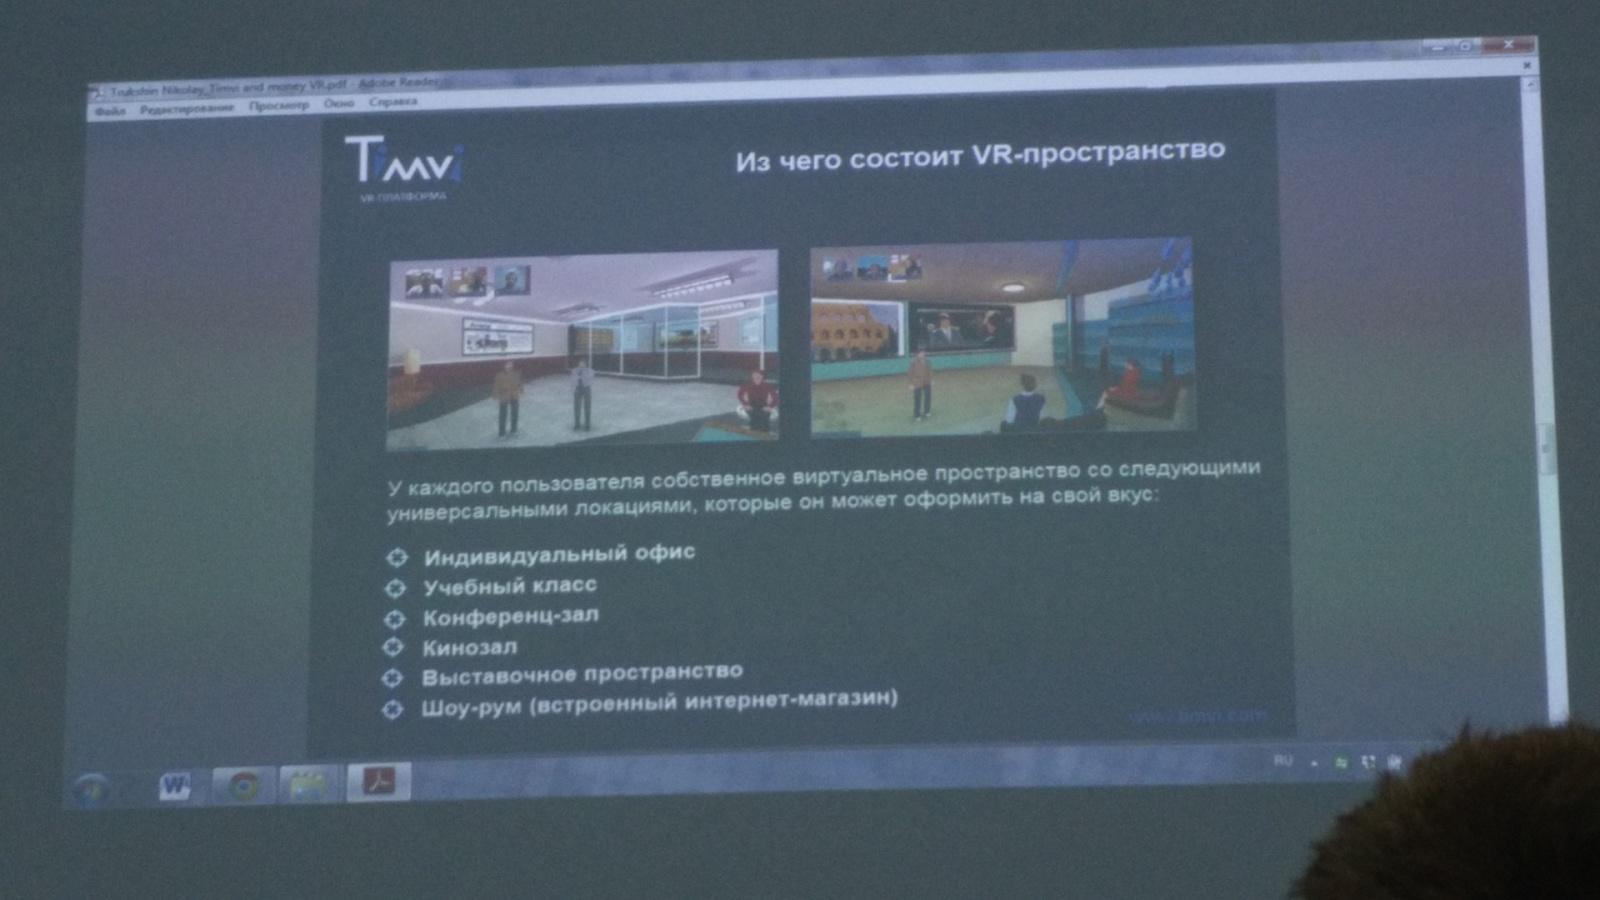 Репортаж с mixAR2015: Технологии AR&VR - 54